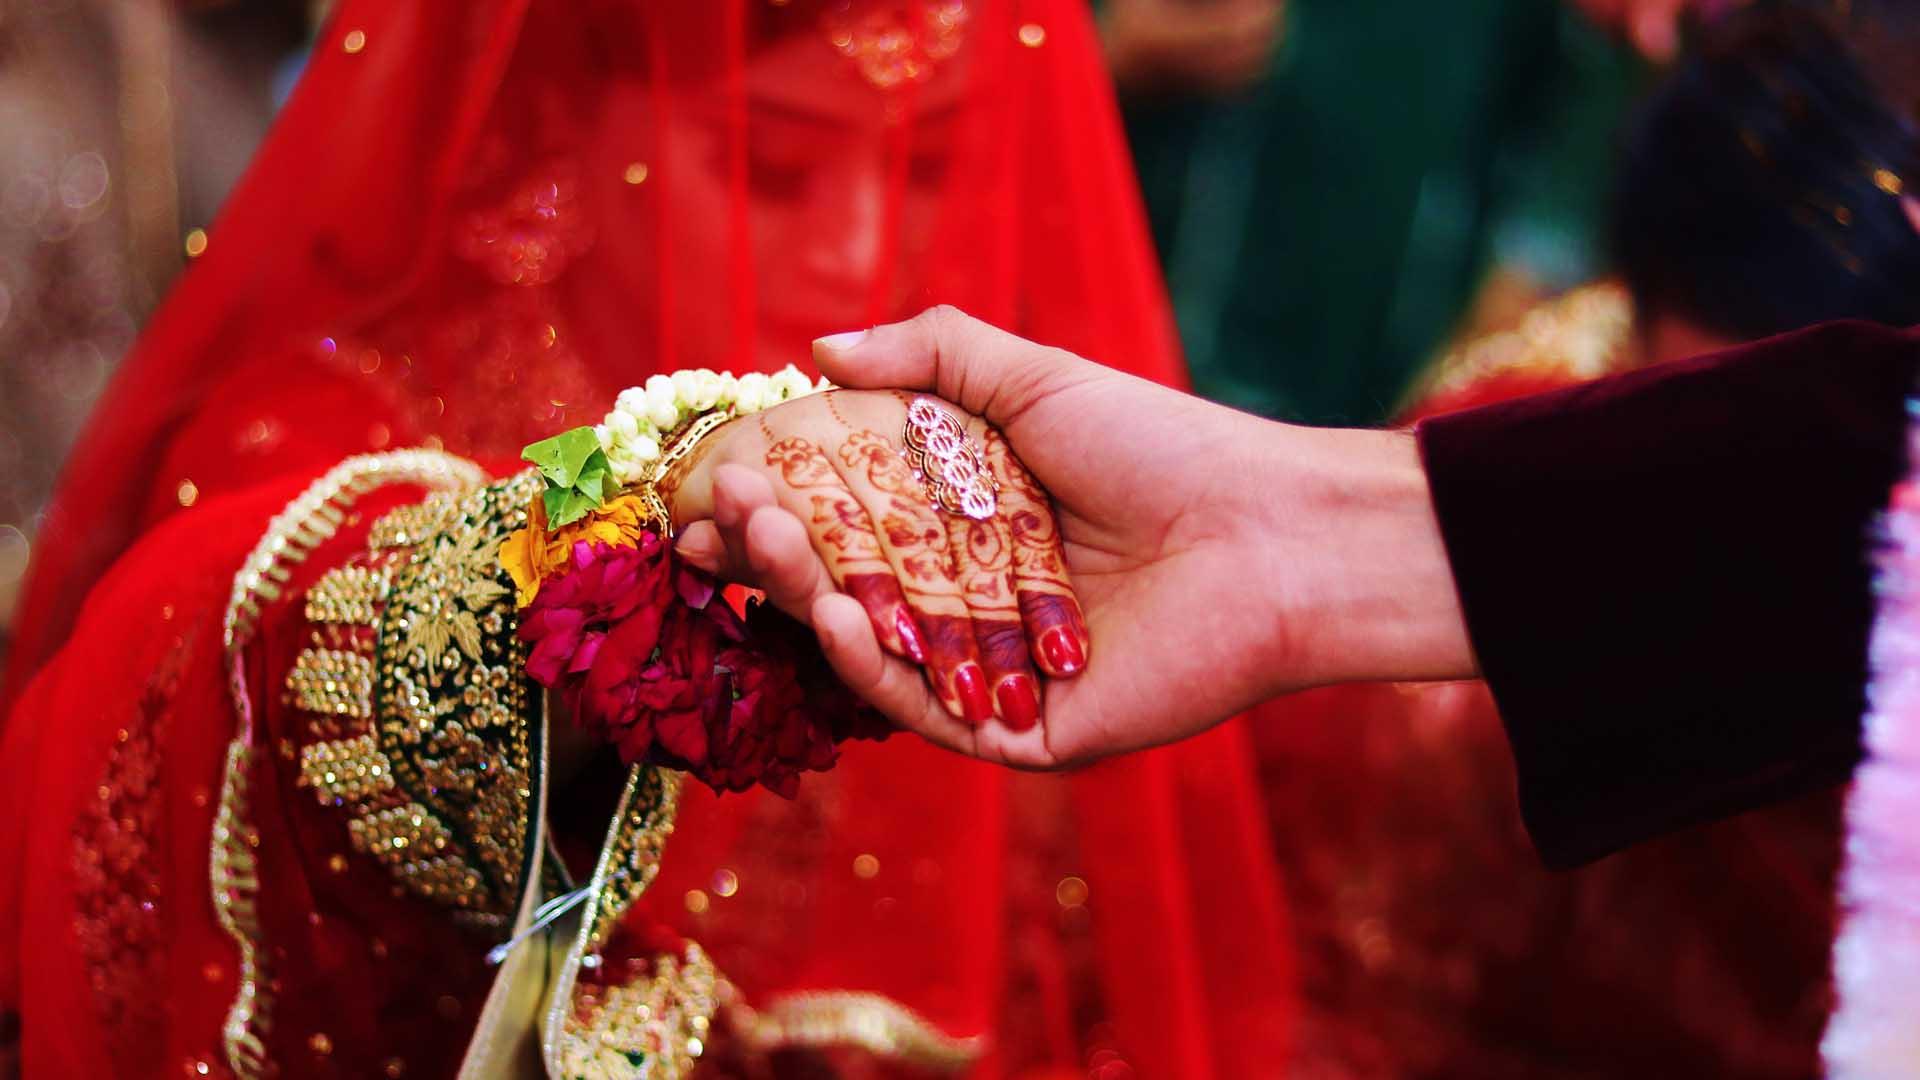 Sono stata vittima di un matrimonio forzato. E sono scappata